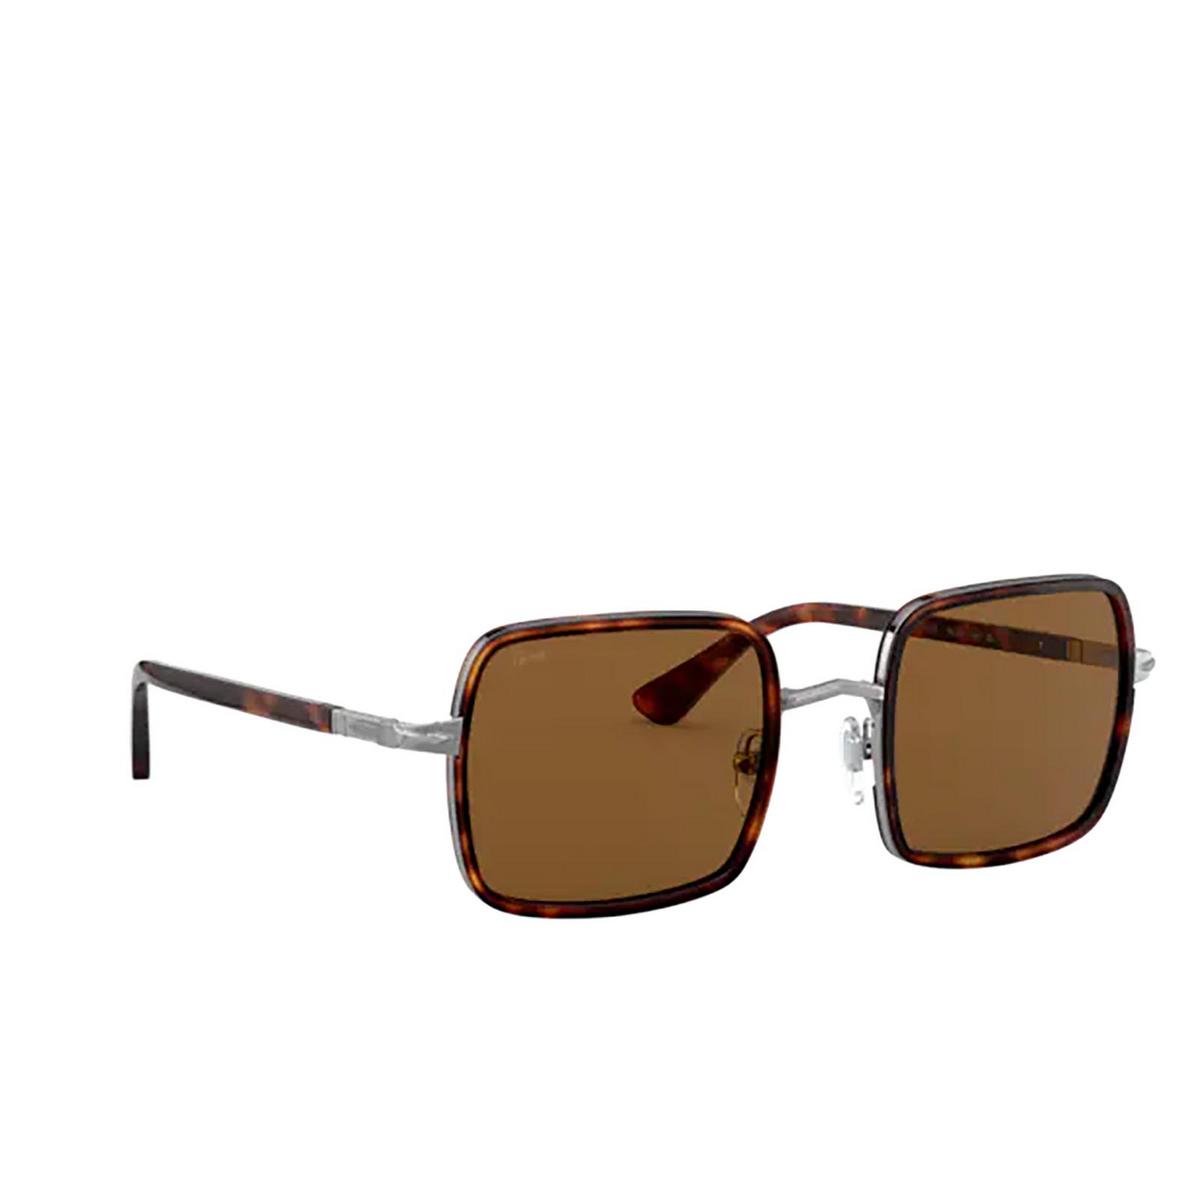 Persol® Square Sunglasses: PO2475S color Gunmetal & Havana 513/33 - three-quarters view.